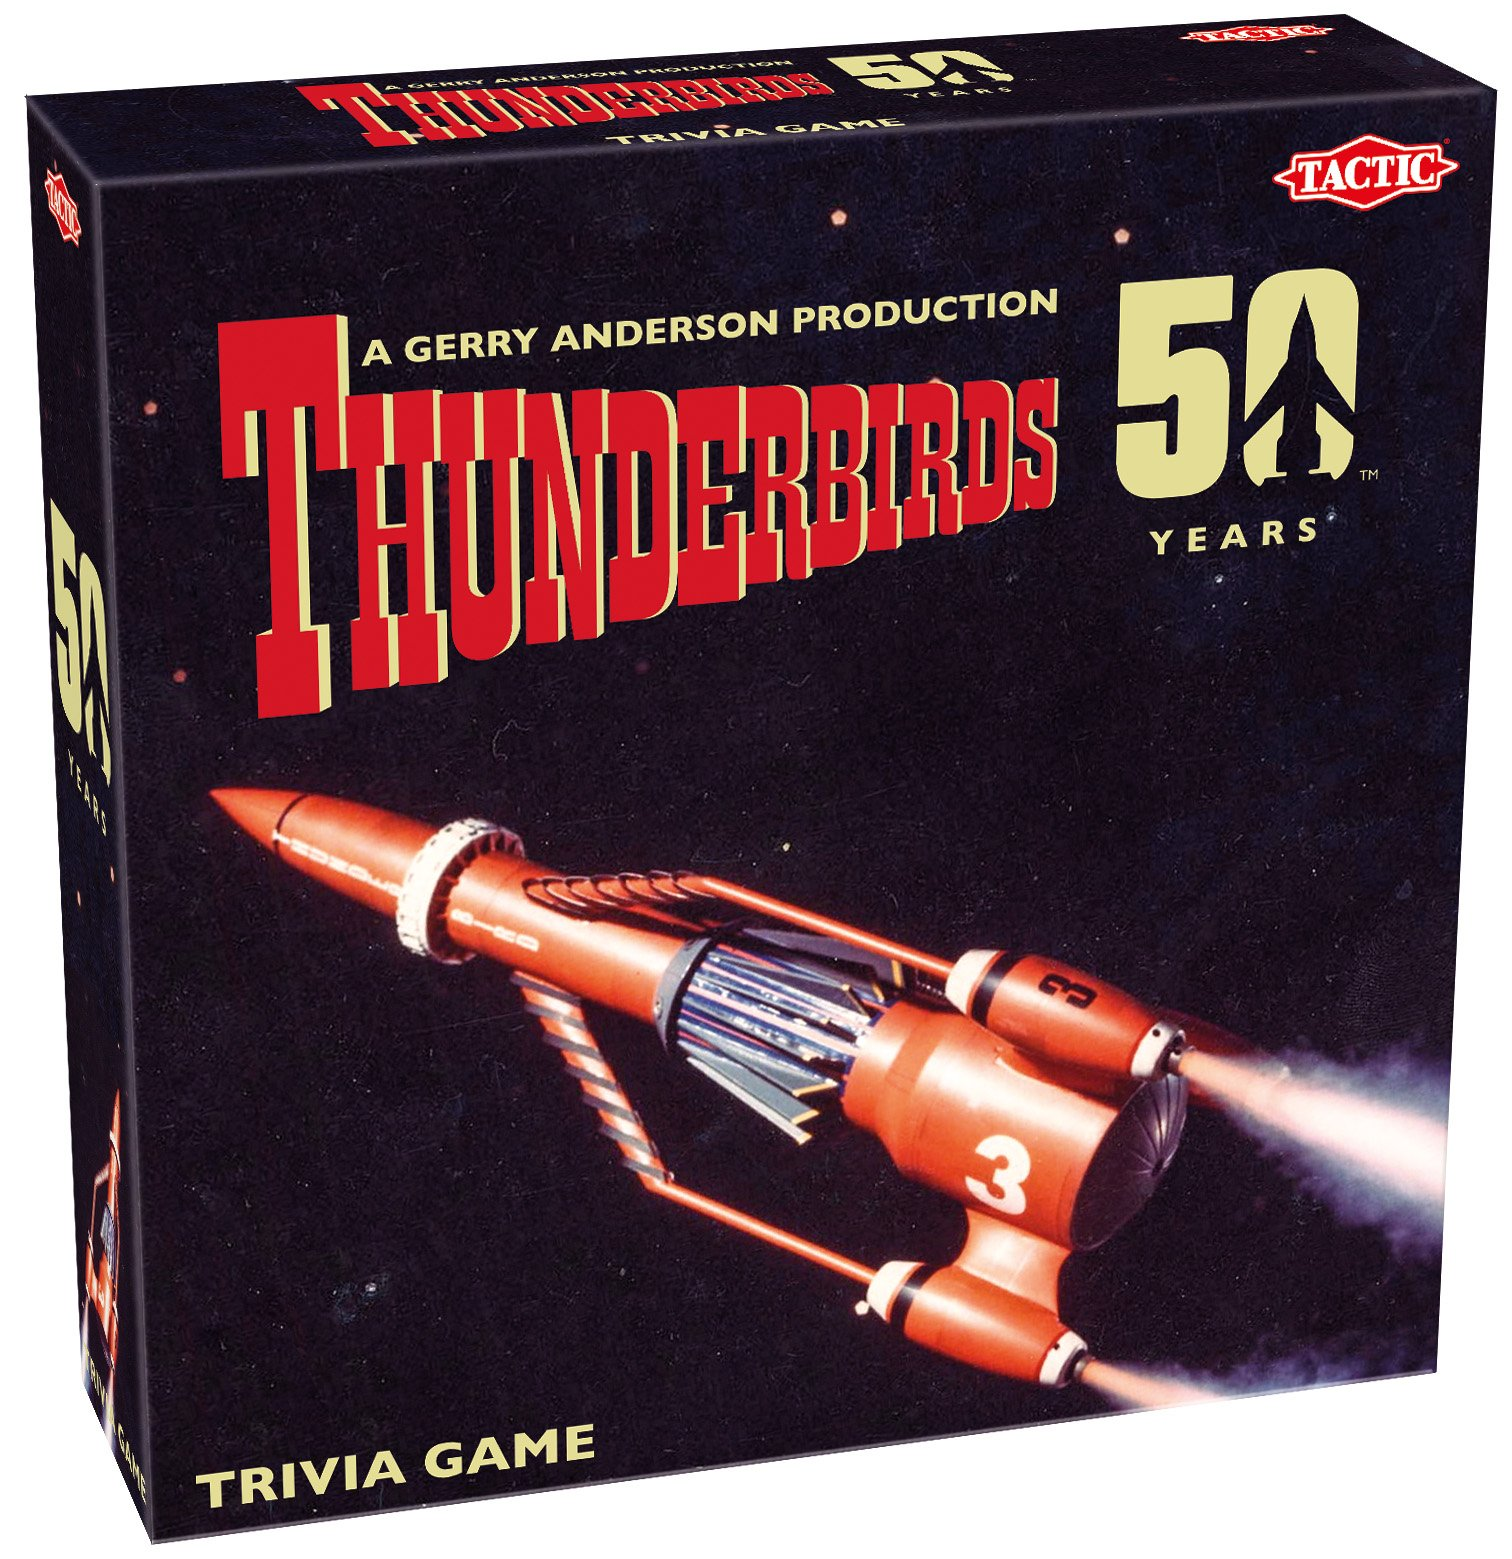 Tactic Games UK Thunderbirds Classic - Juego de Mesa de Trivial, 50 Aniversario: Amazon.es: Juguetes y juegos